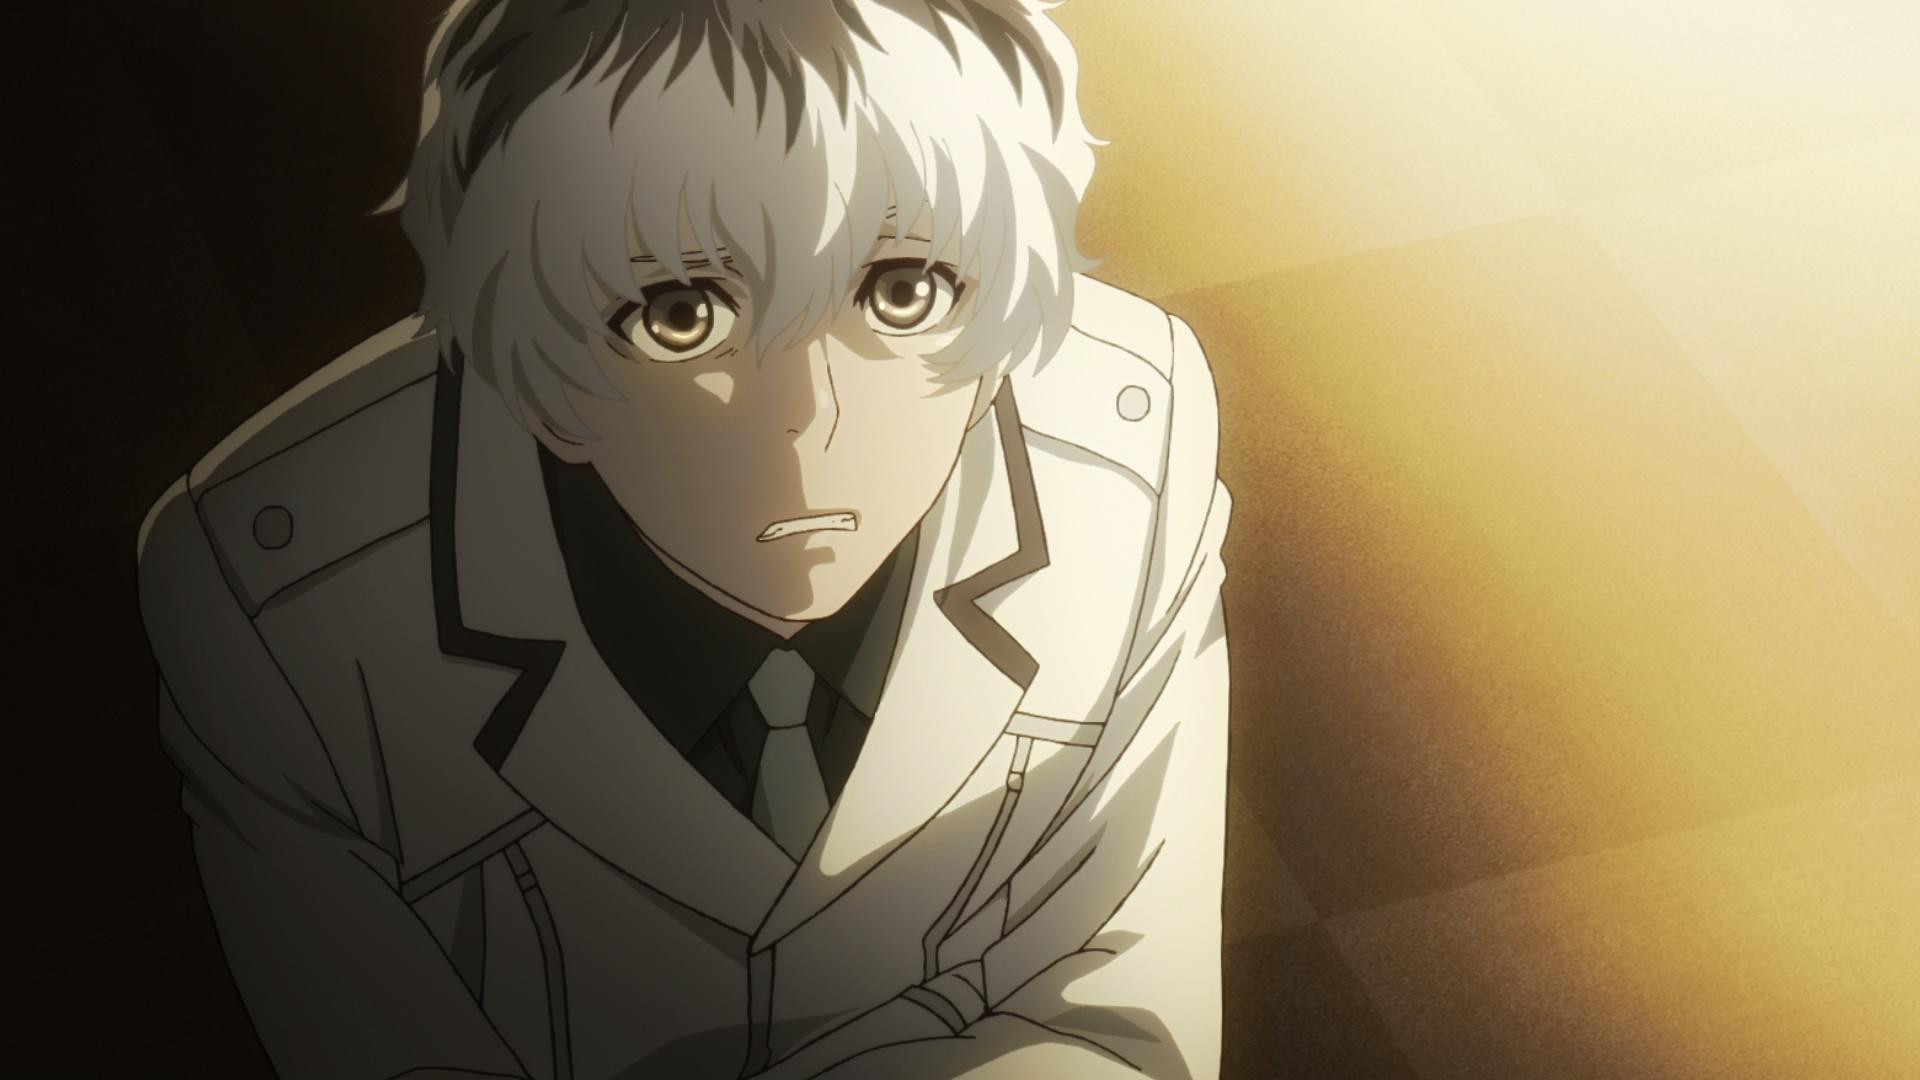 Tokyo ghoul season 1 episode 6 english sub